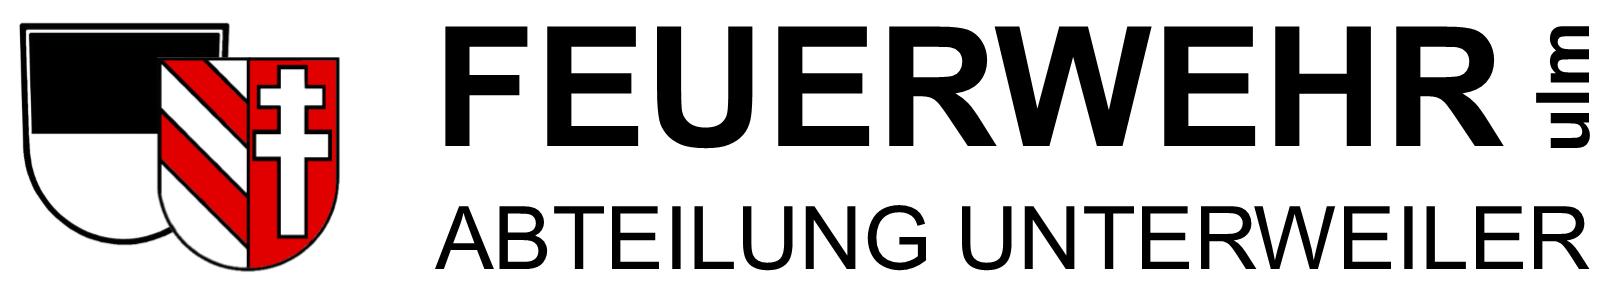 Feuerwehr Ulm – Abteilung Unterweiler